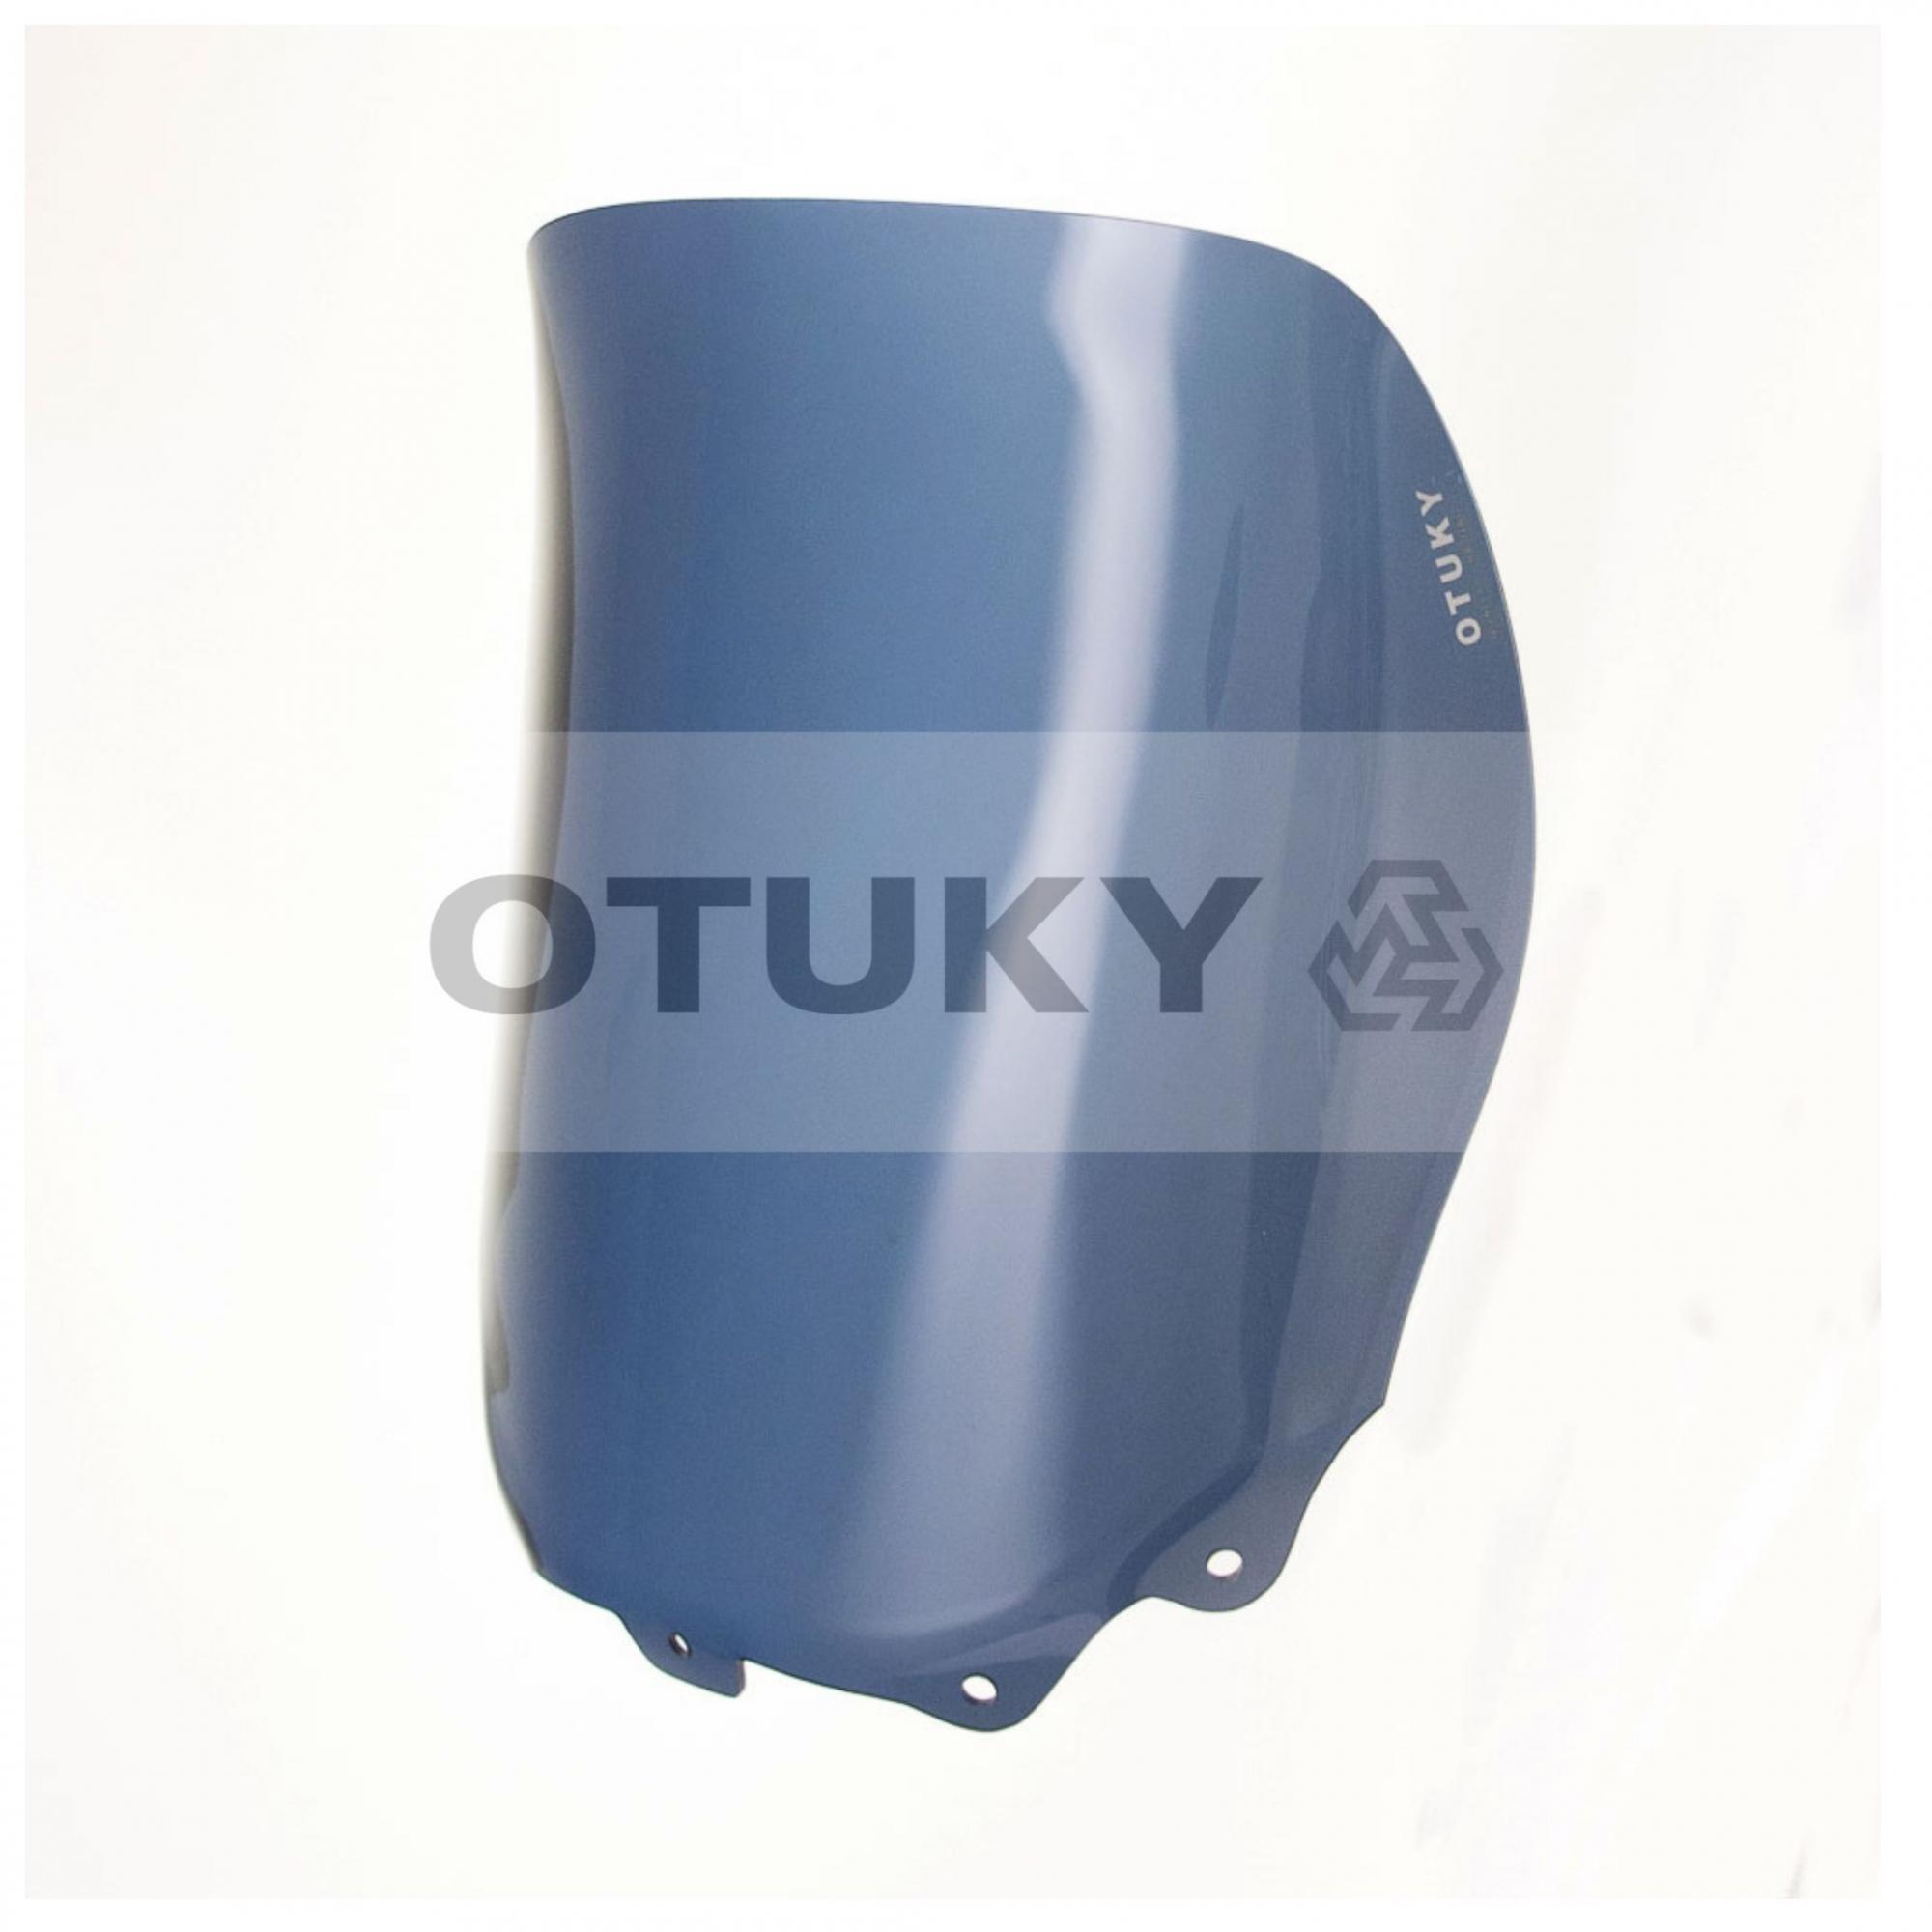 Bolha para Moto Citycom 300i Otuky Padrão Fumê Escuro